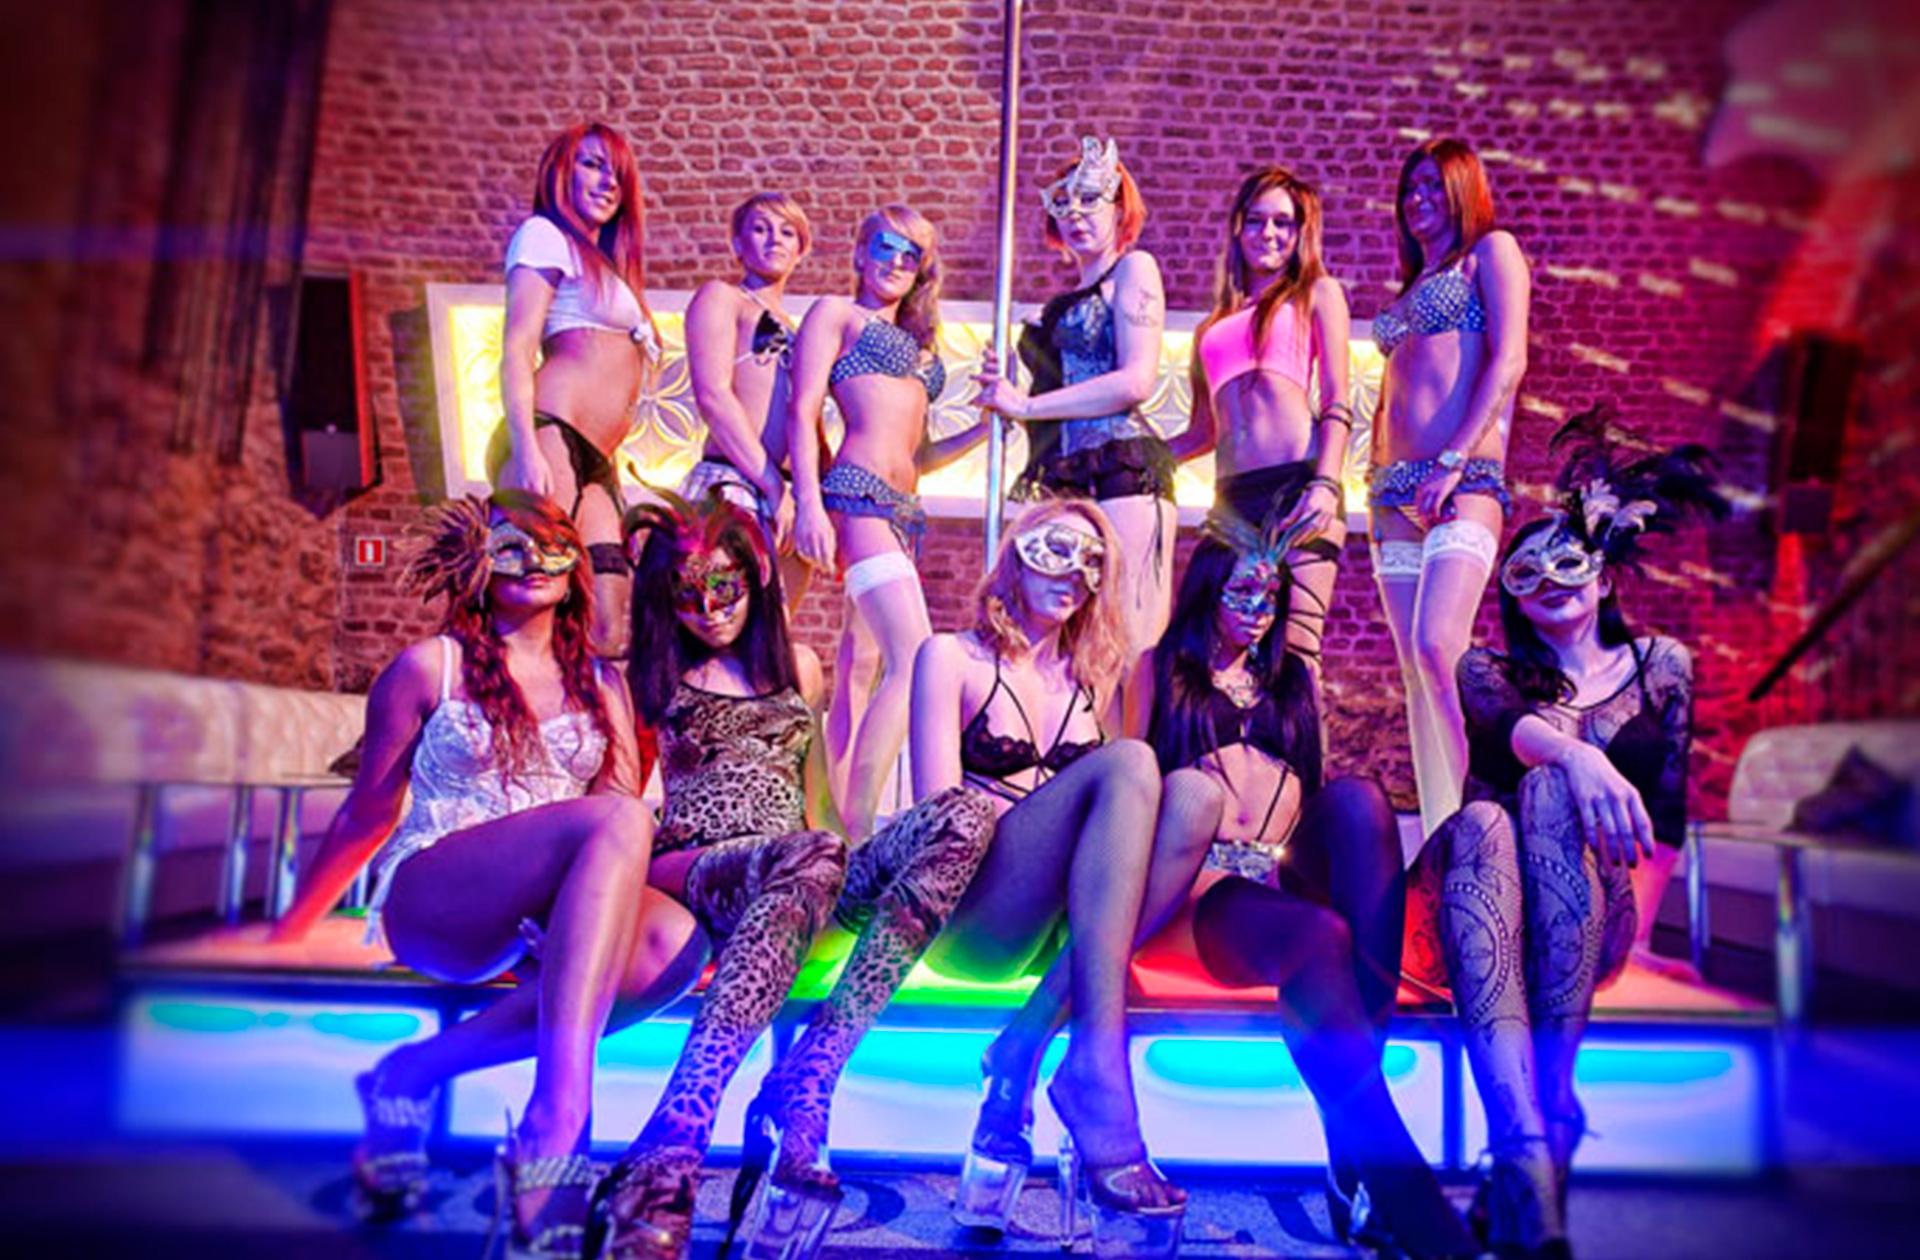 Prostitutes in Krakow